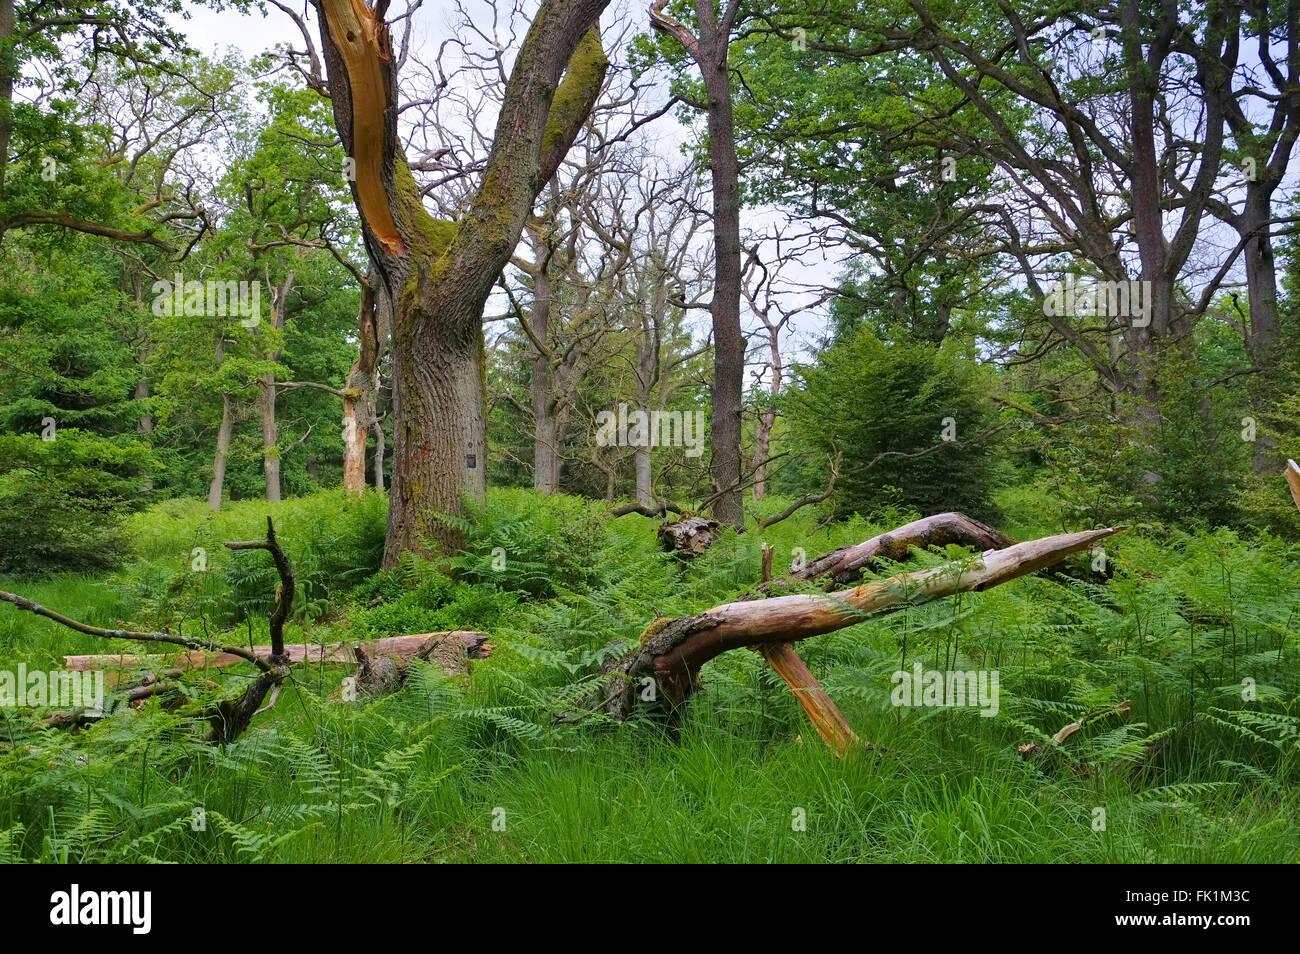 Urwald Sababurg in Deutschland - ancient forest of Sababurg in Germany - Stock Image